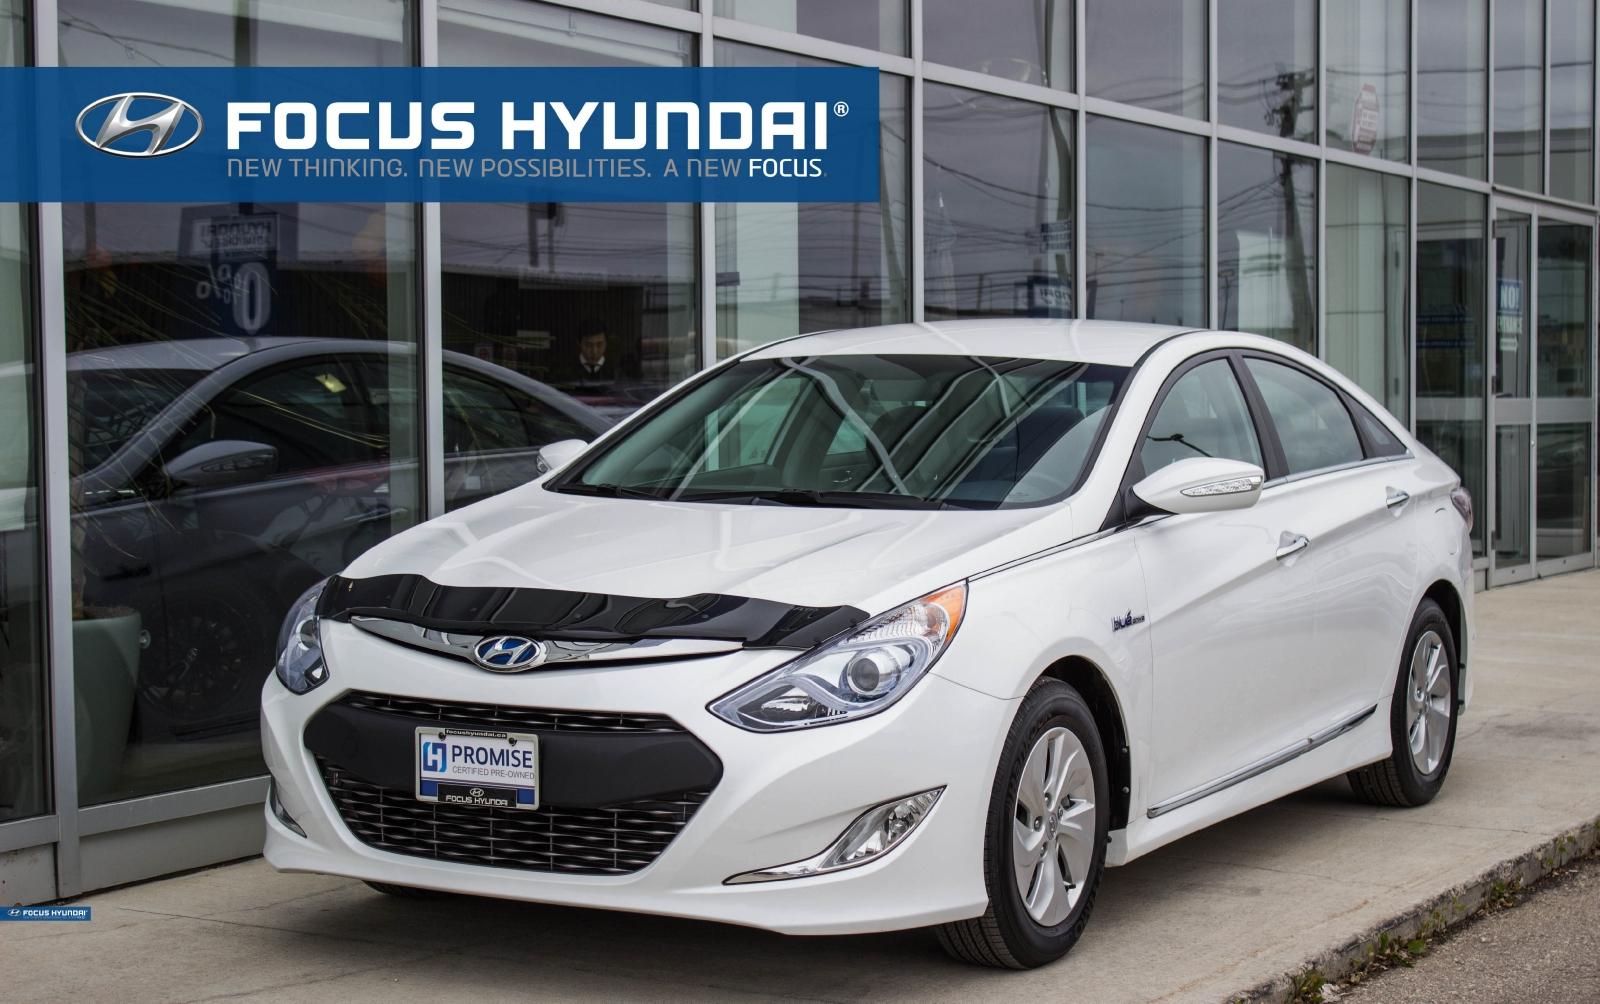 Focus Hyundai